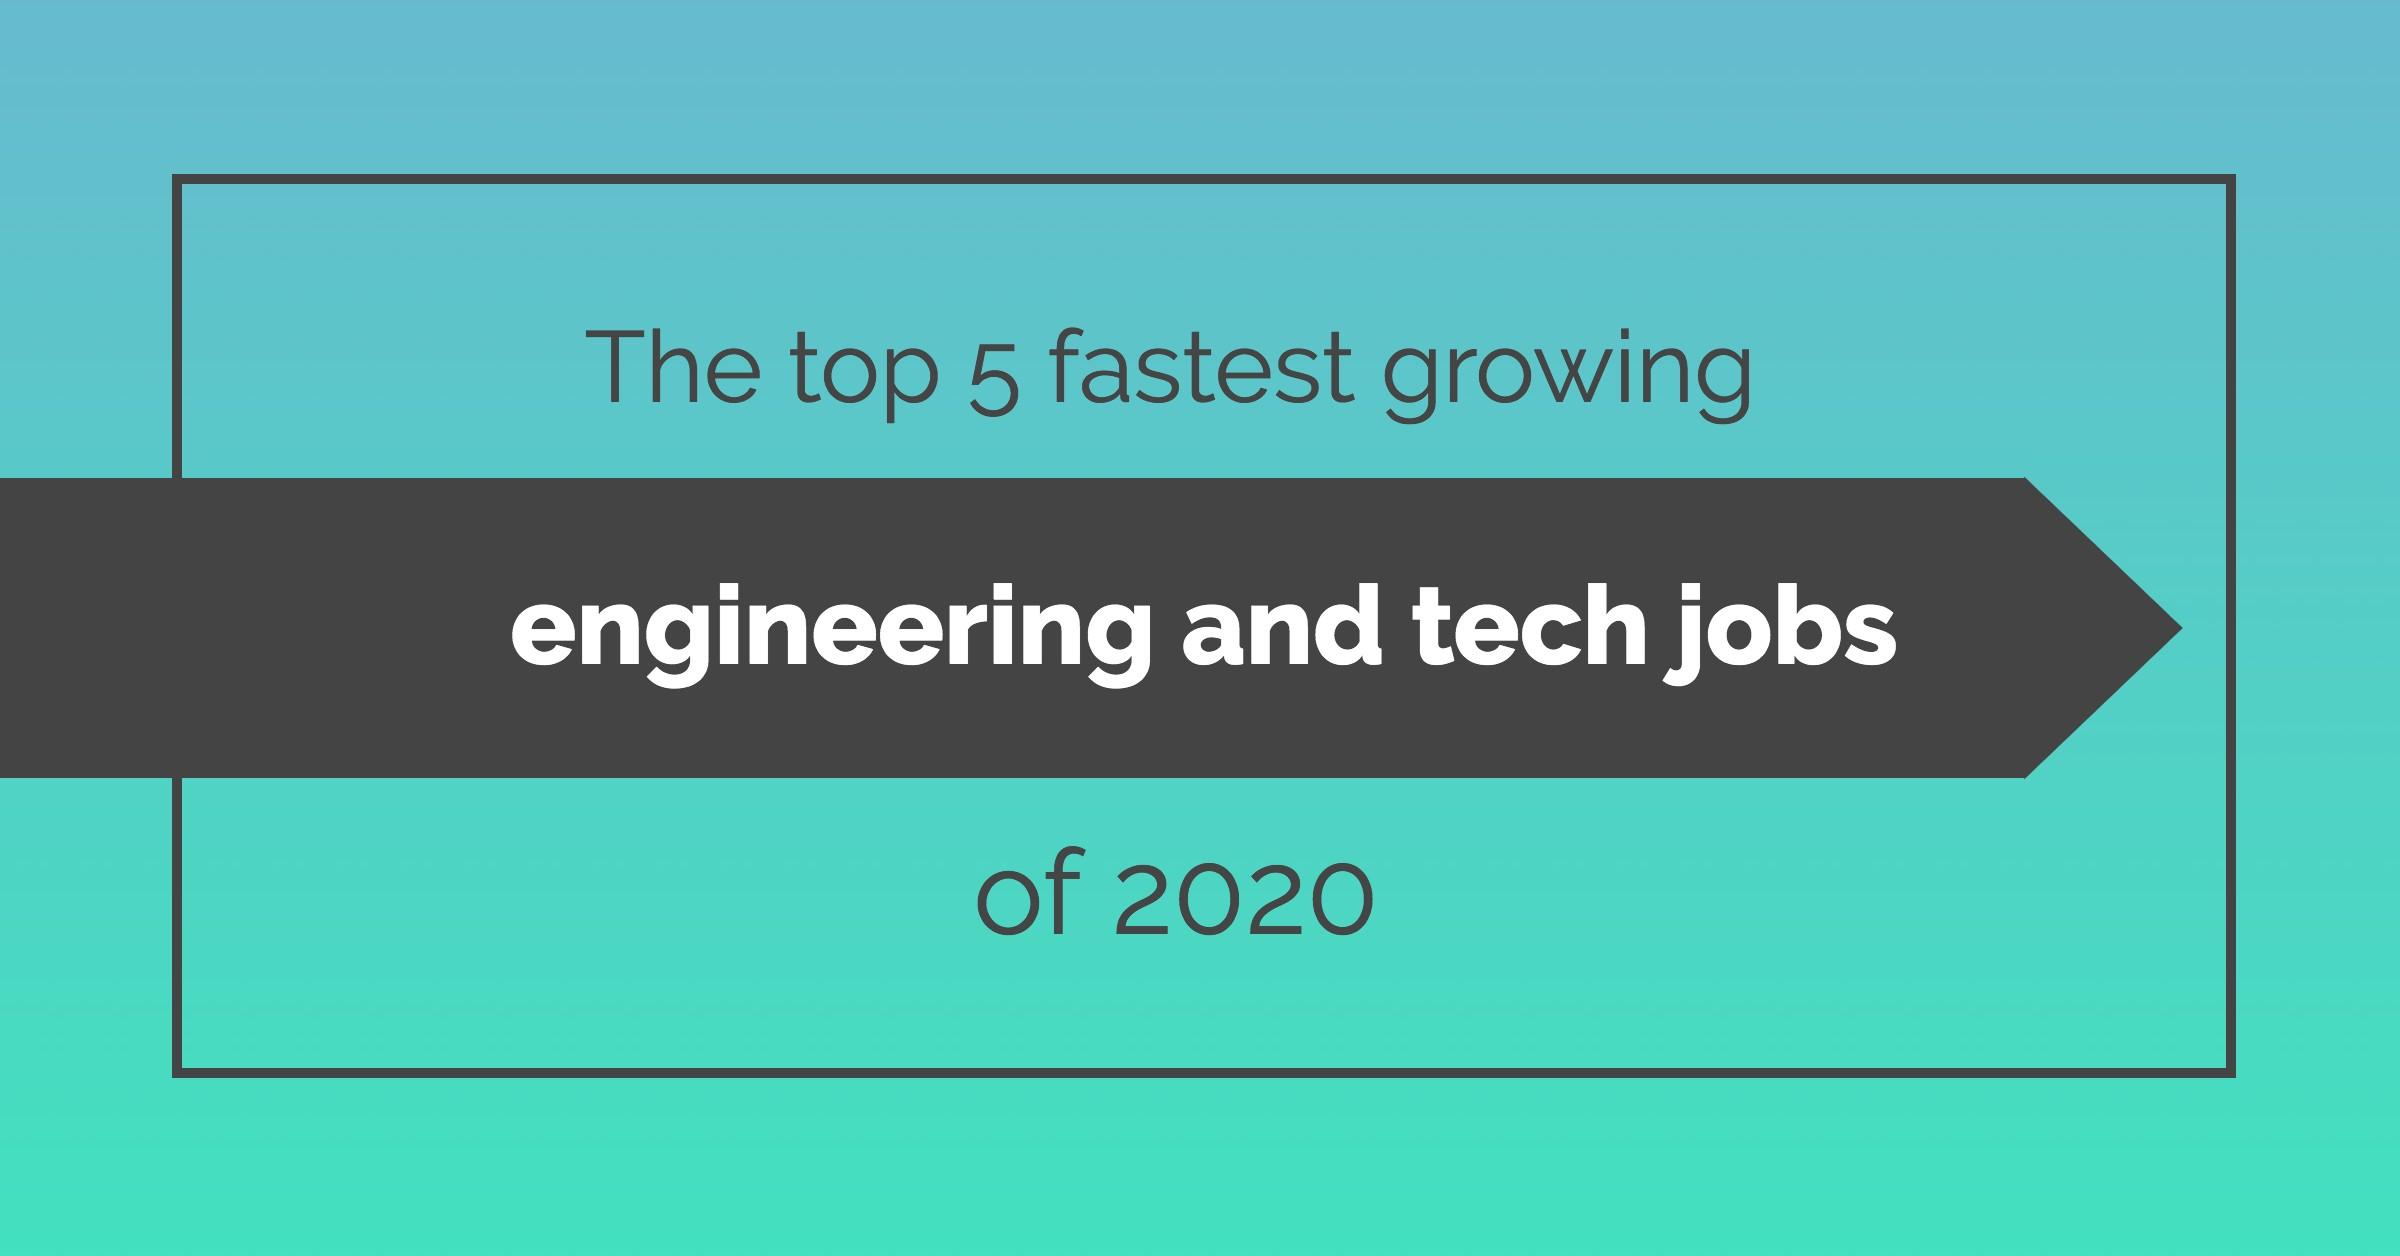 fastest-growing-engineering-jobs-2020